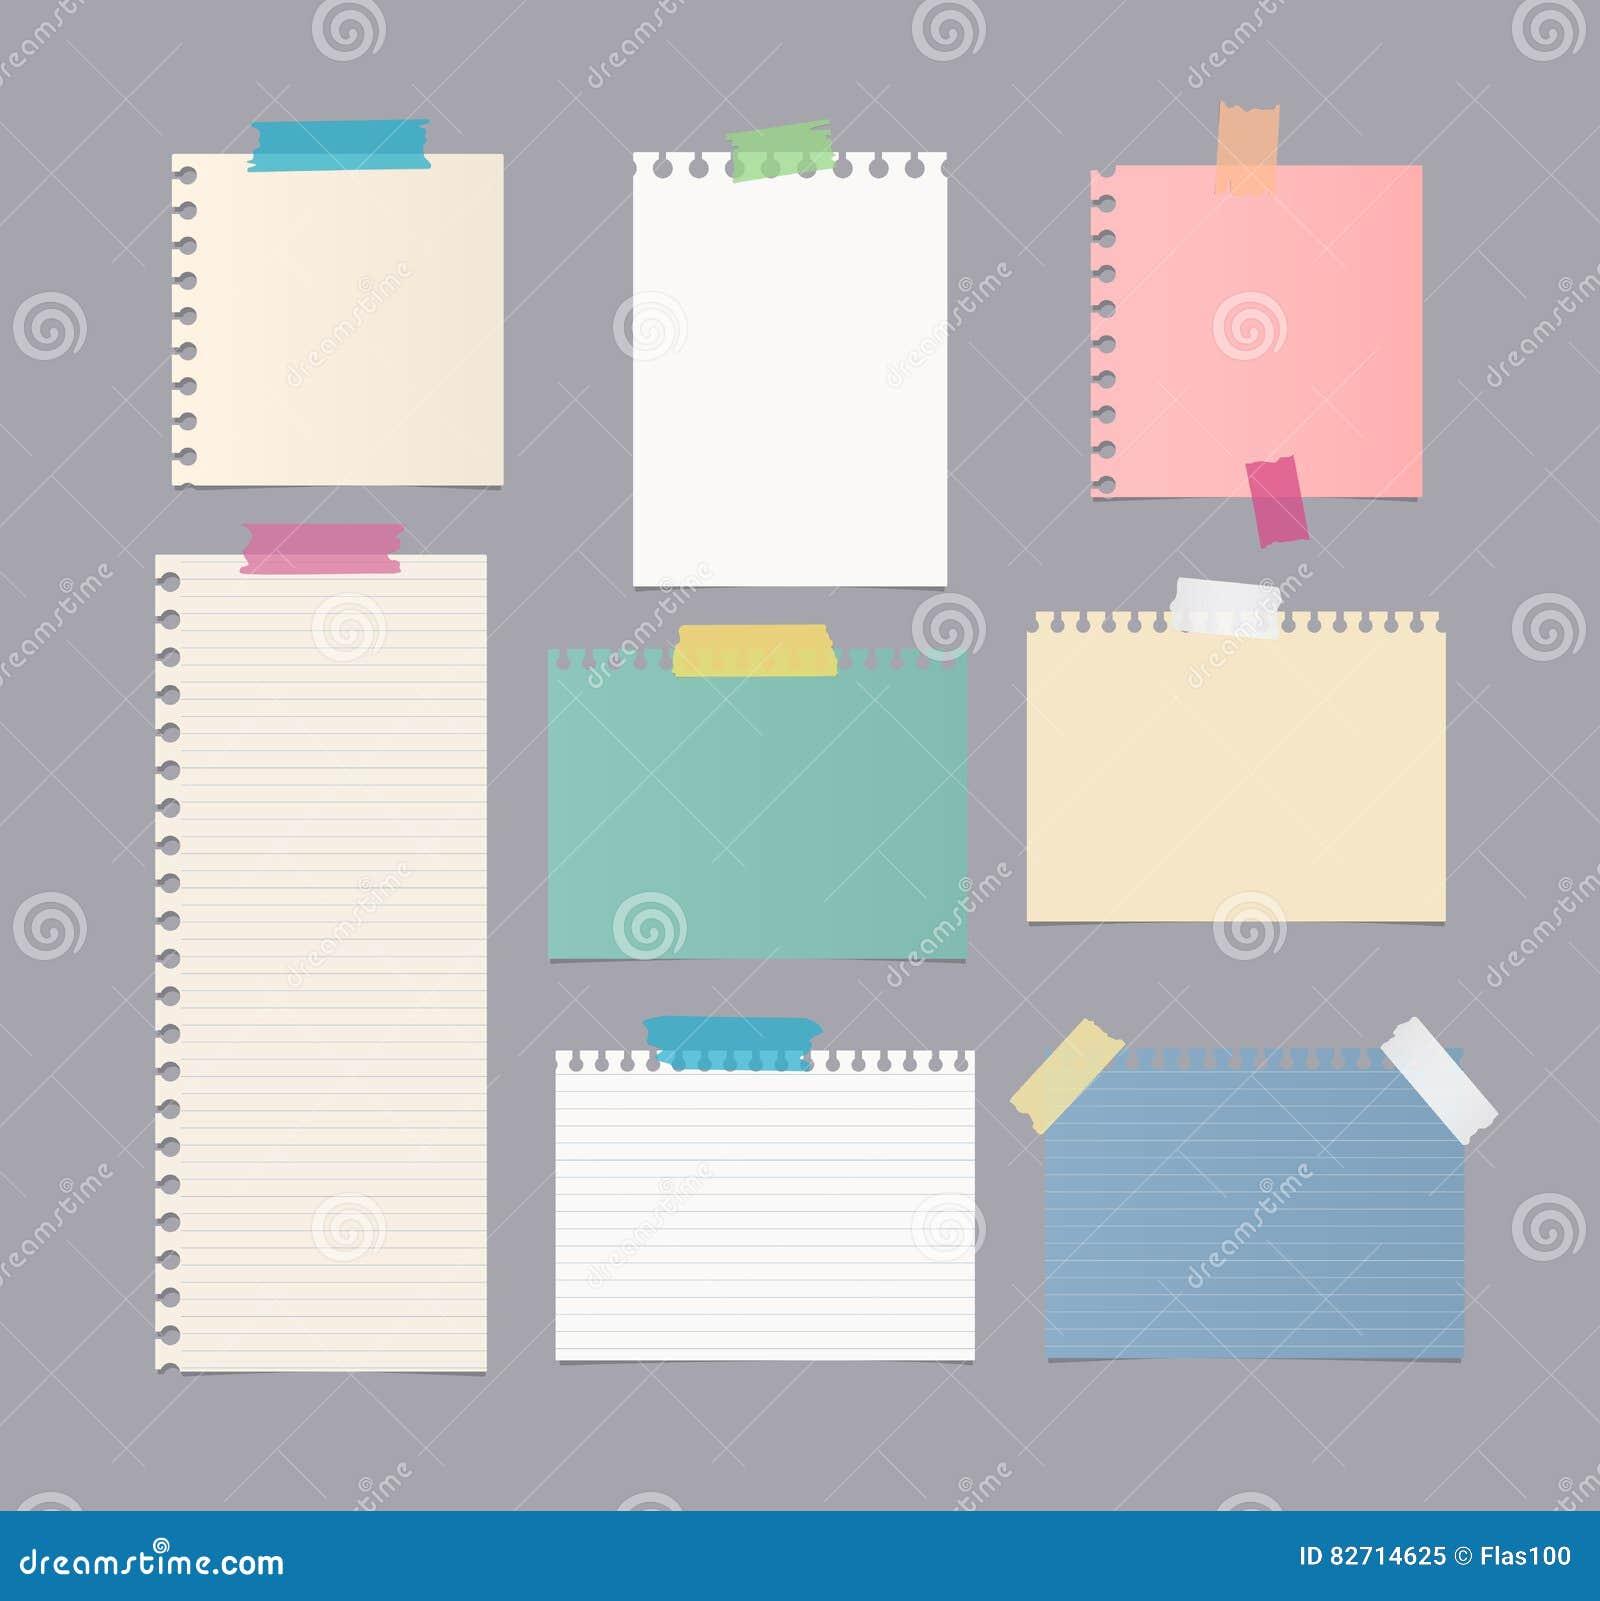 Kawałki różna wielkościowa kolorowa notatka, notatnik, copybook papieru prześcieradła wtykali z kleistą taśmą na szarym tle